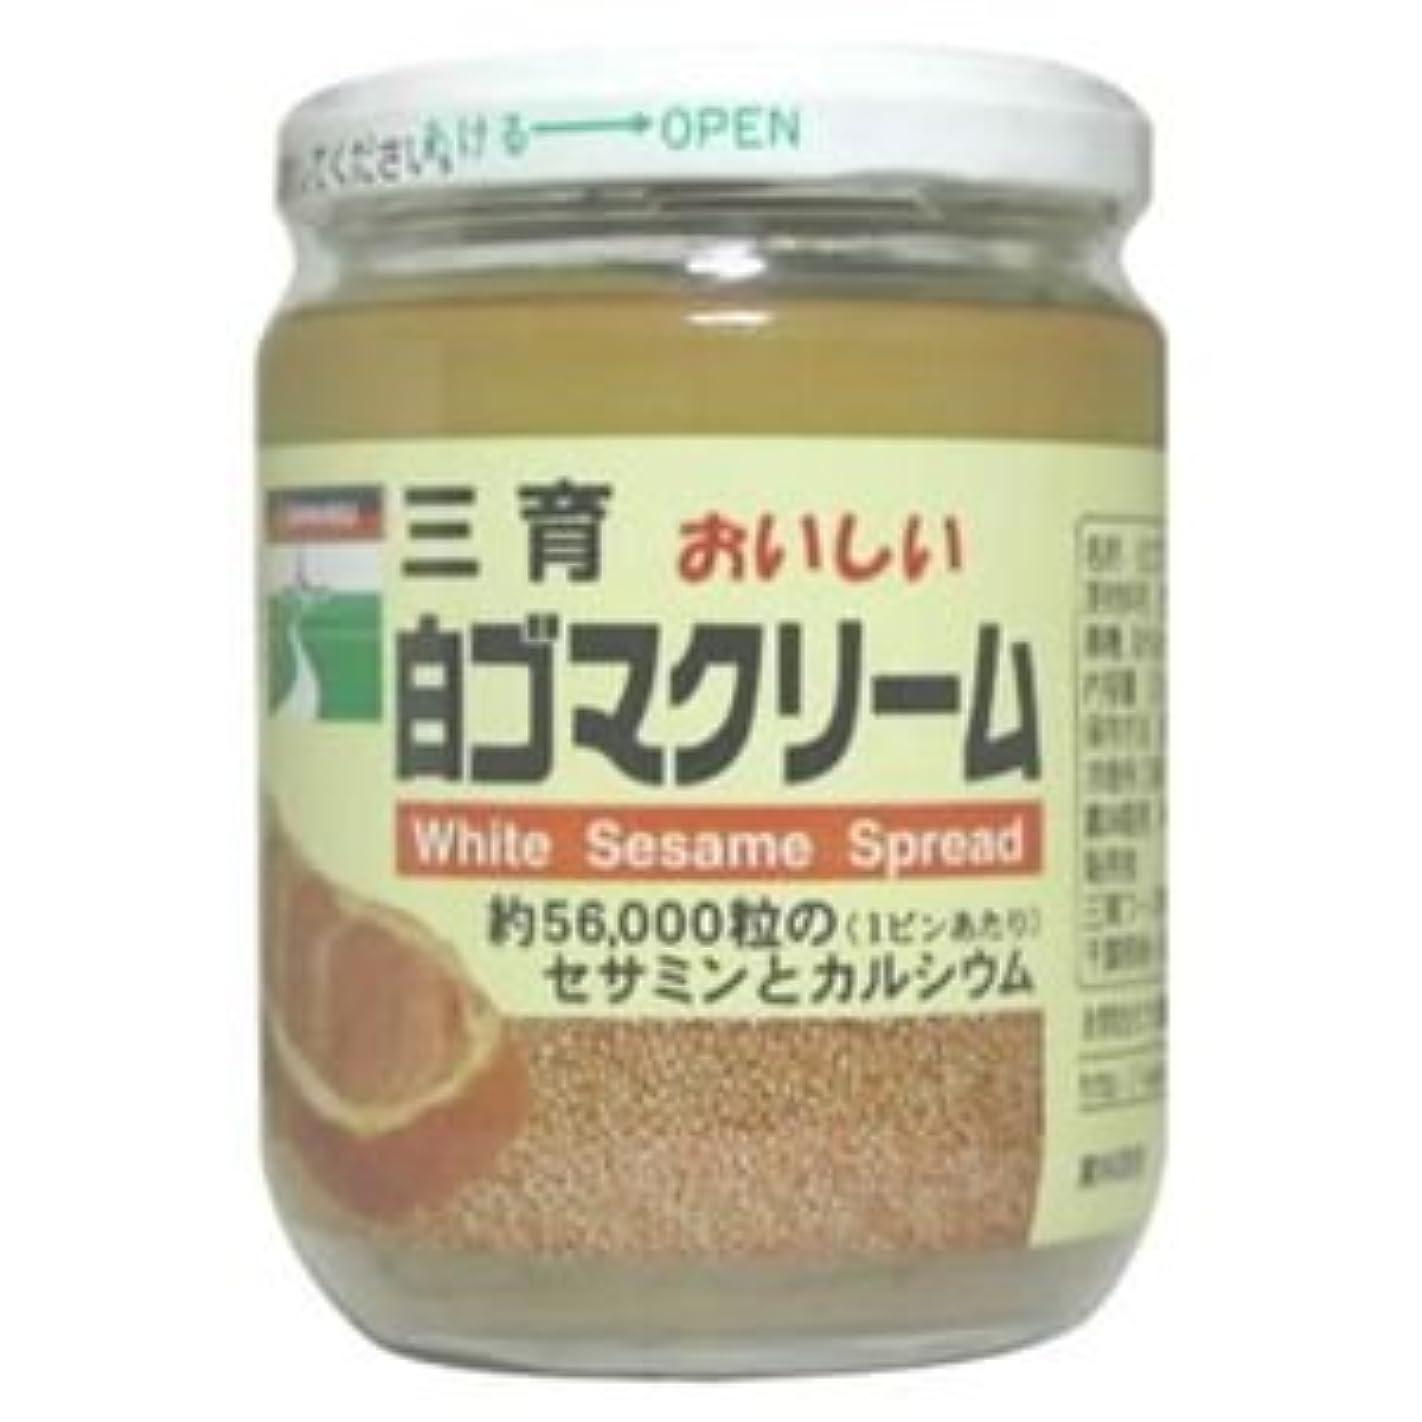 タンパク質ながら外部三育 おいしい白ゴマクリーム 210g